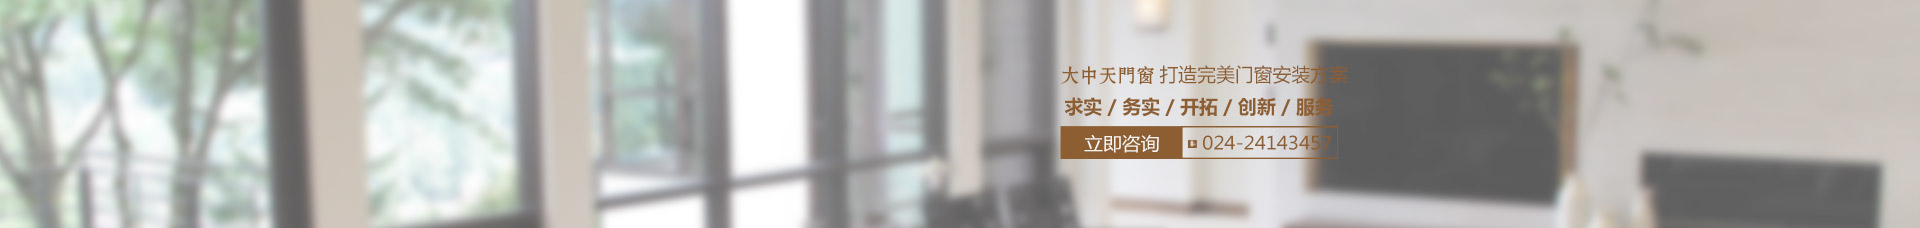 千赢平台官网千赢手机app下载官网厂